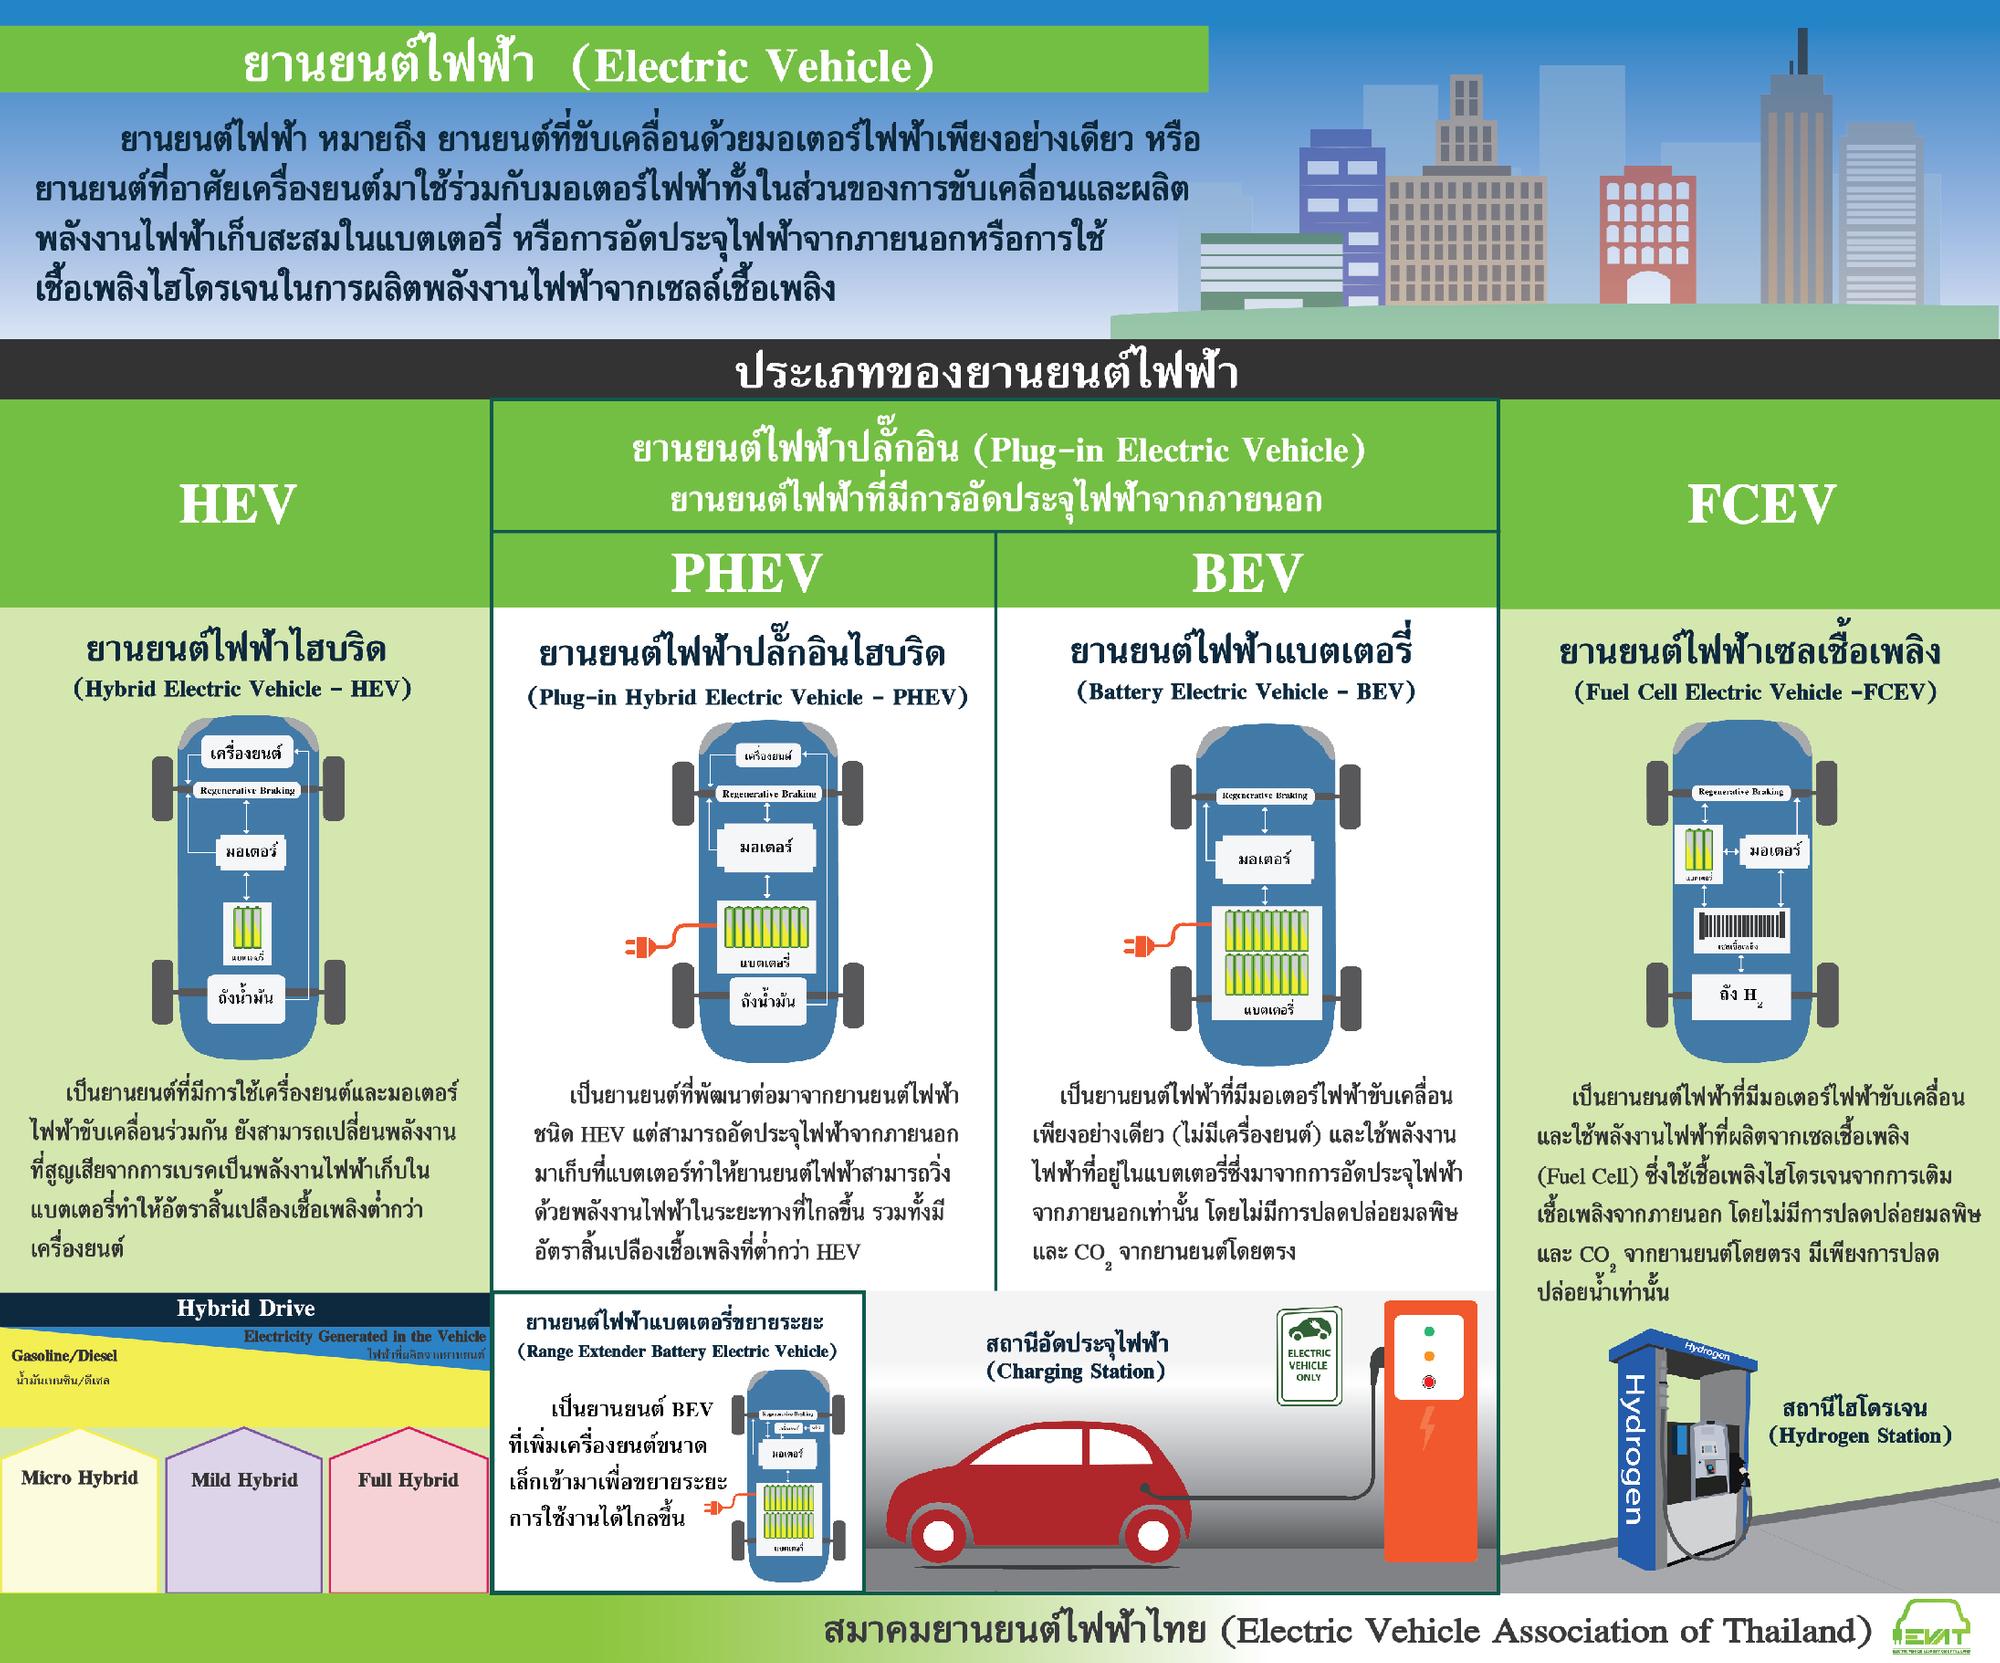 รถยนต์ไฮบริด (Hybrid Vehicle: HV)